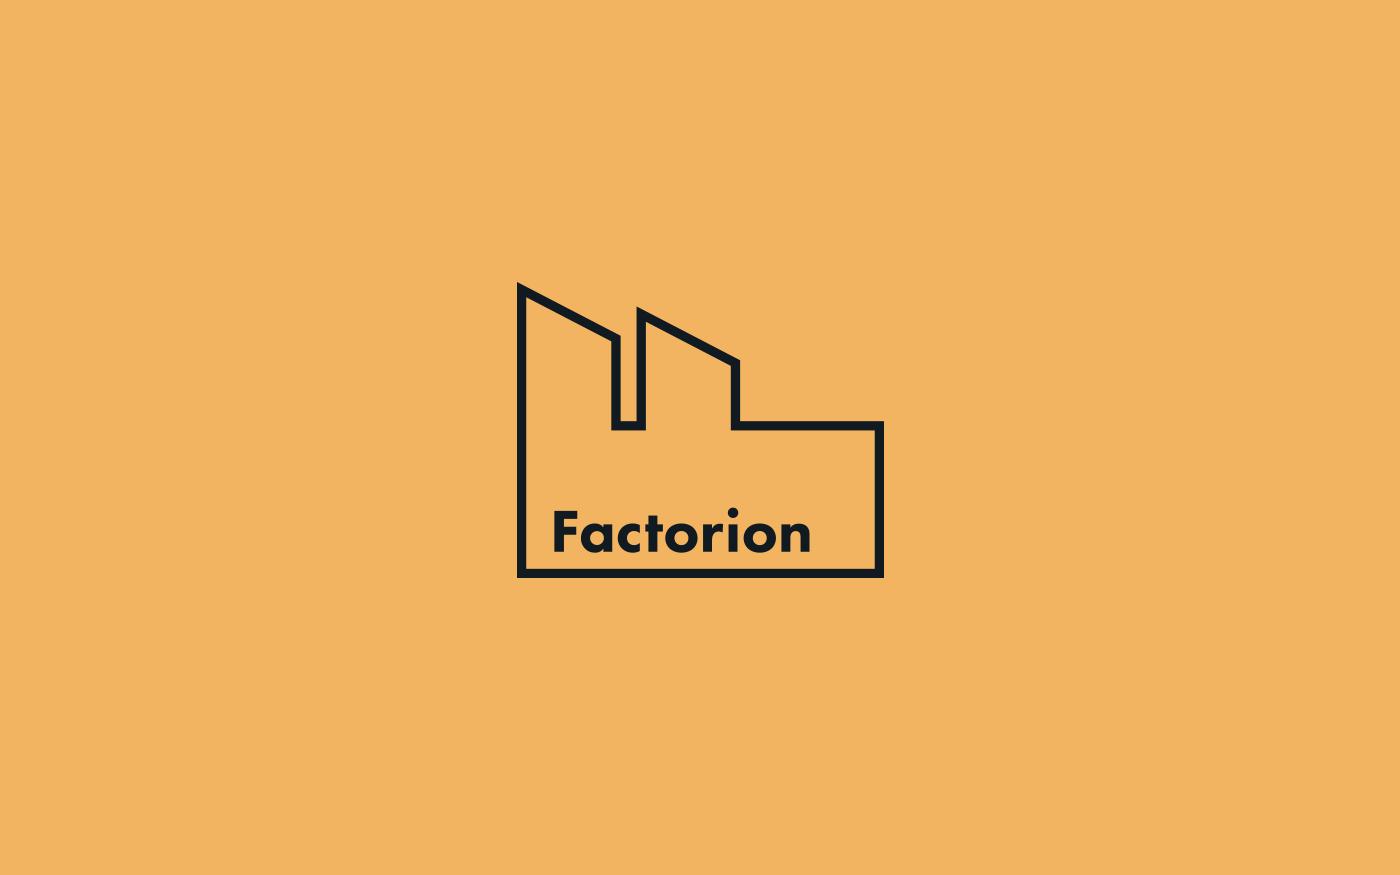 Factorion logo design